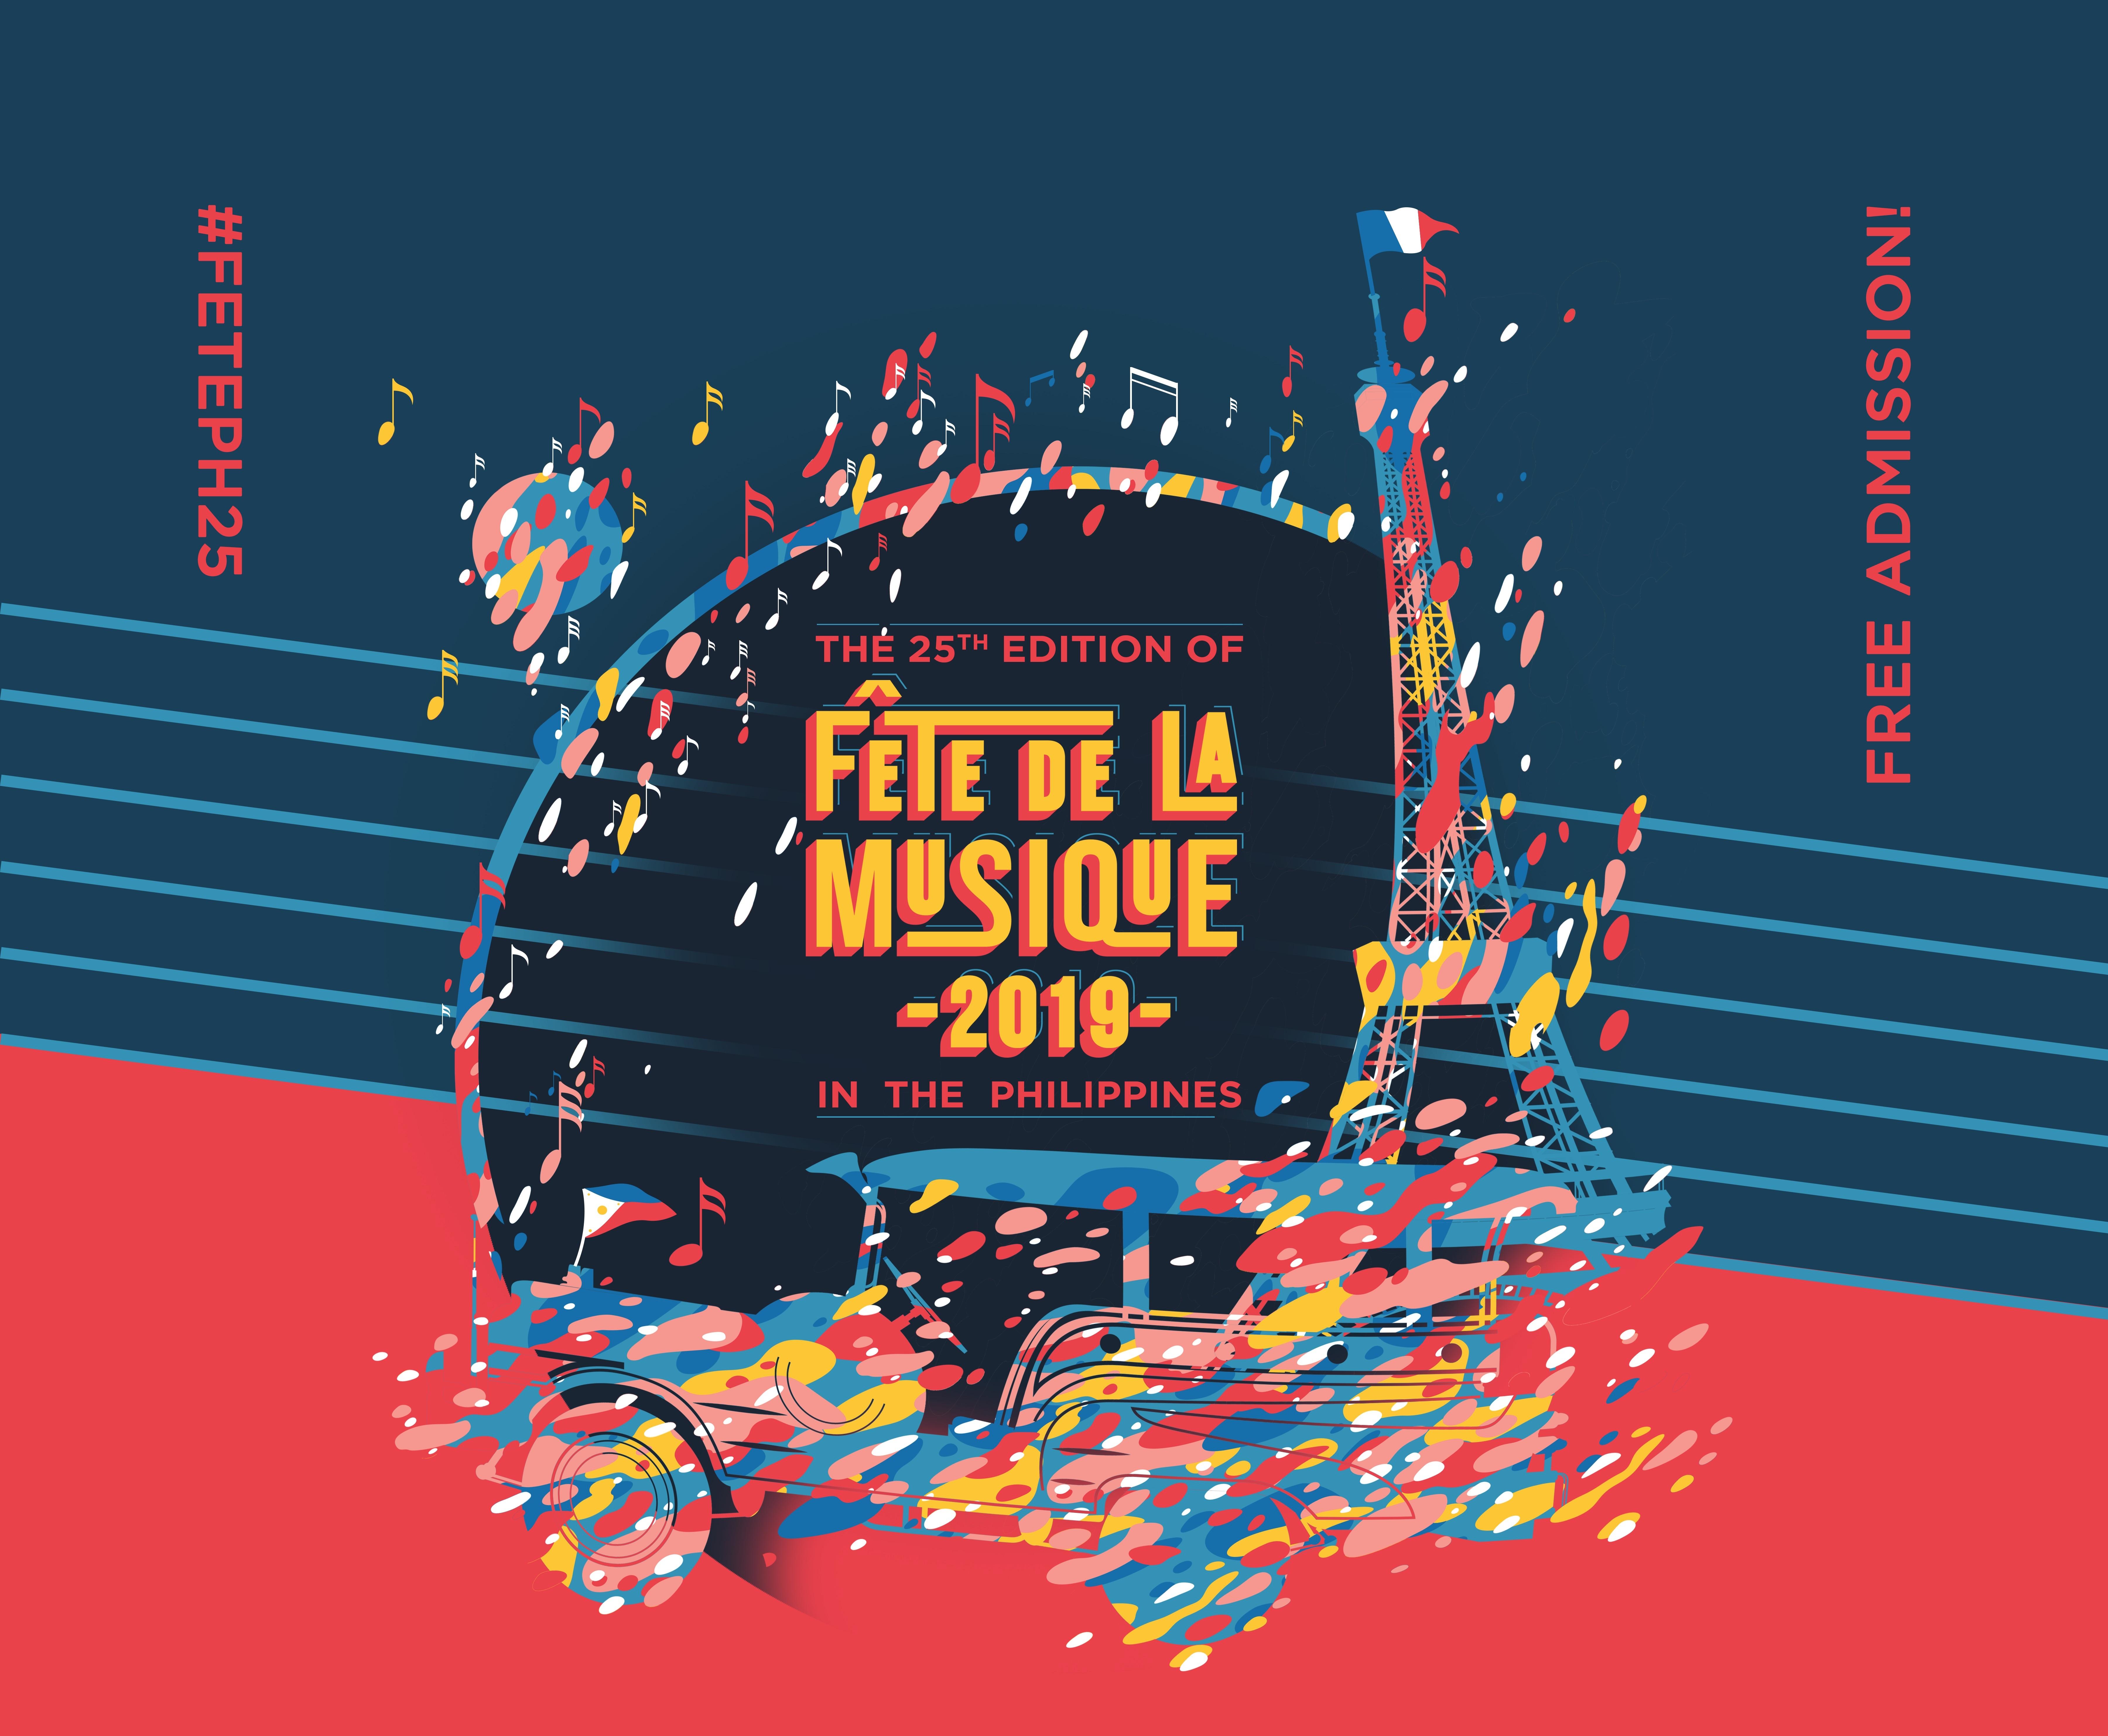 #FetePH25: Fête de la Musique celebrates 25th year in the Philippines